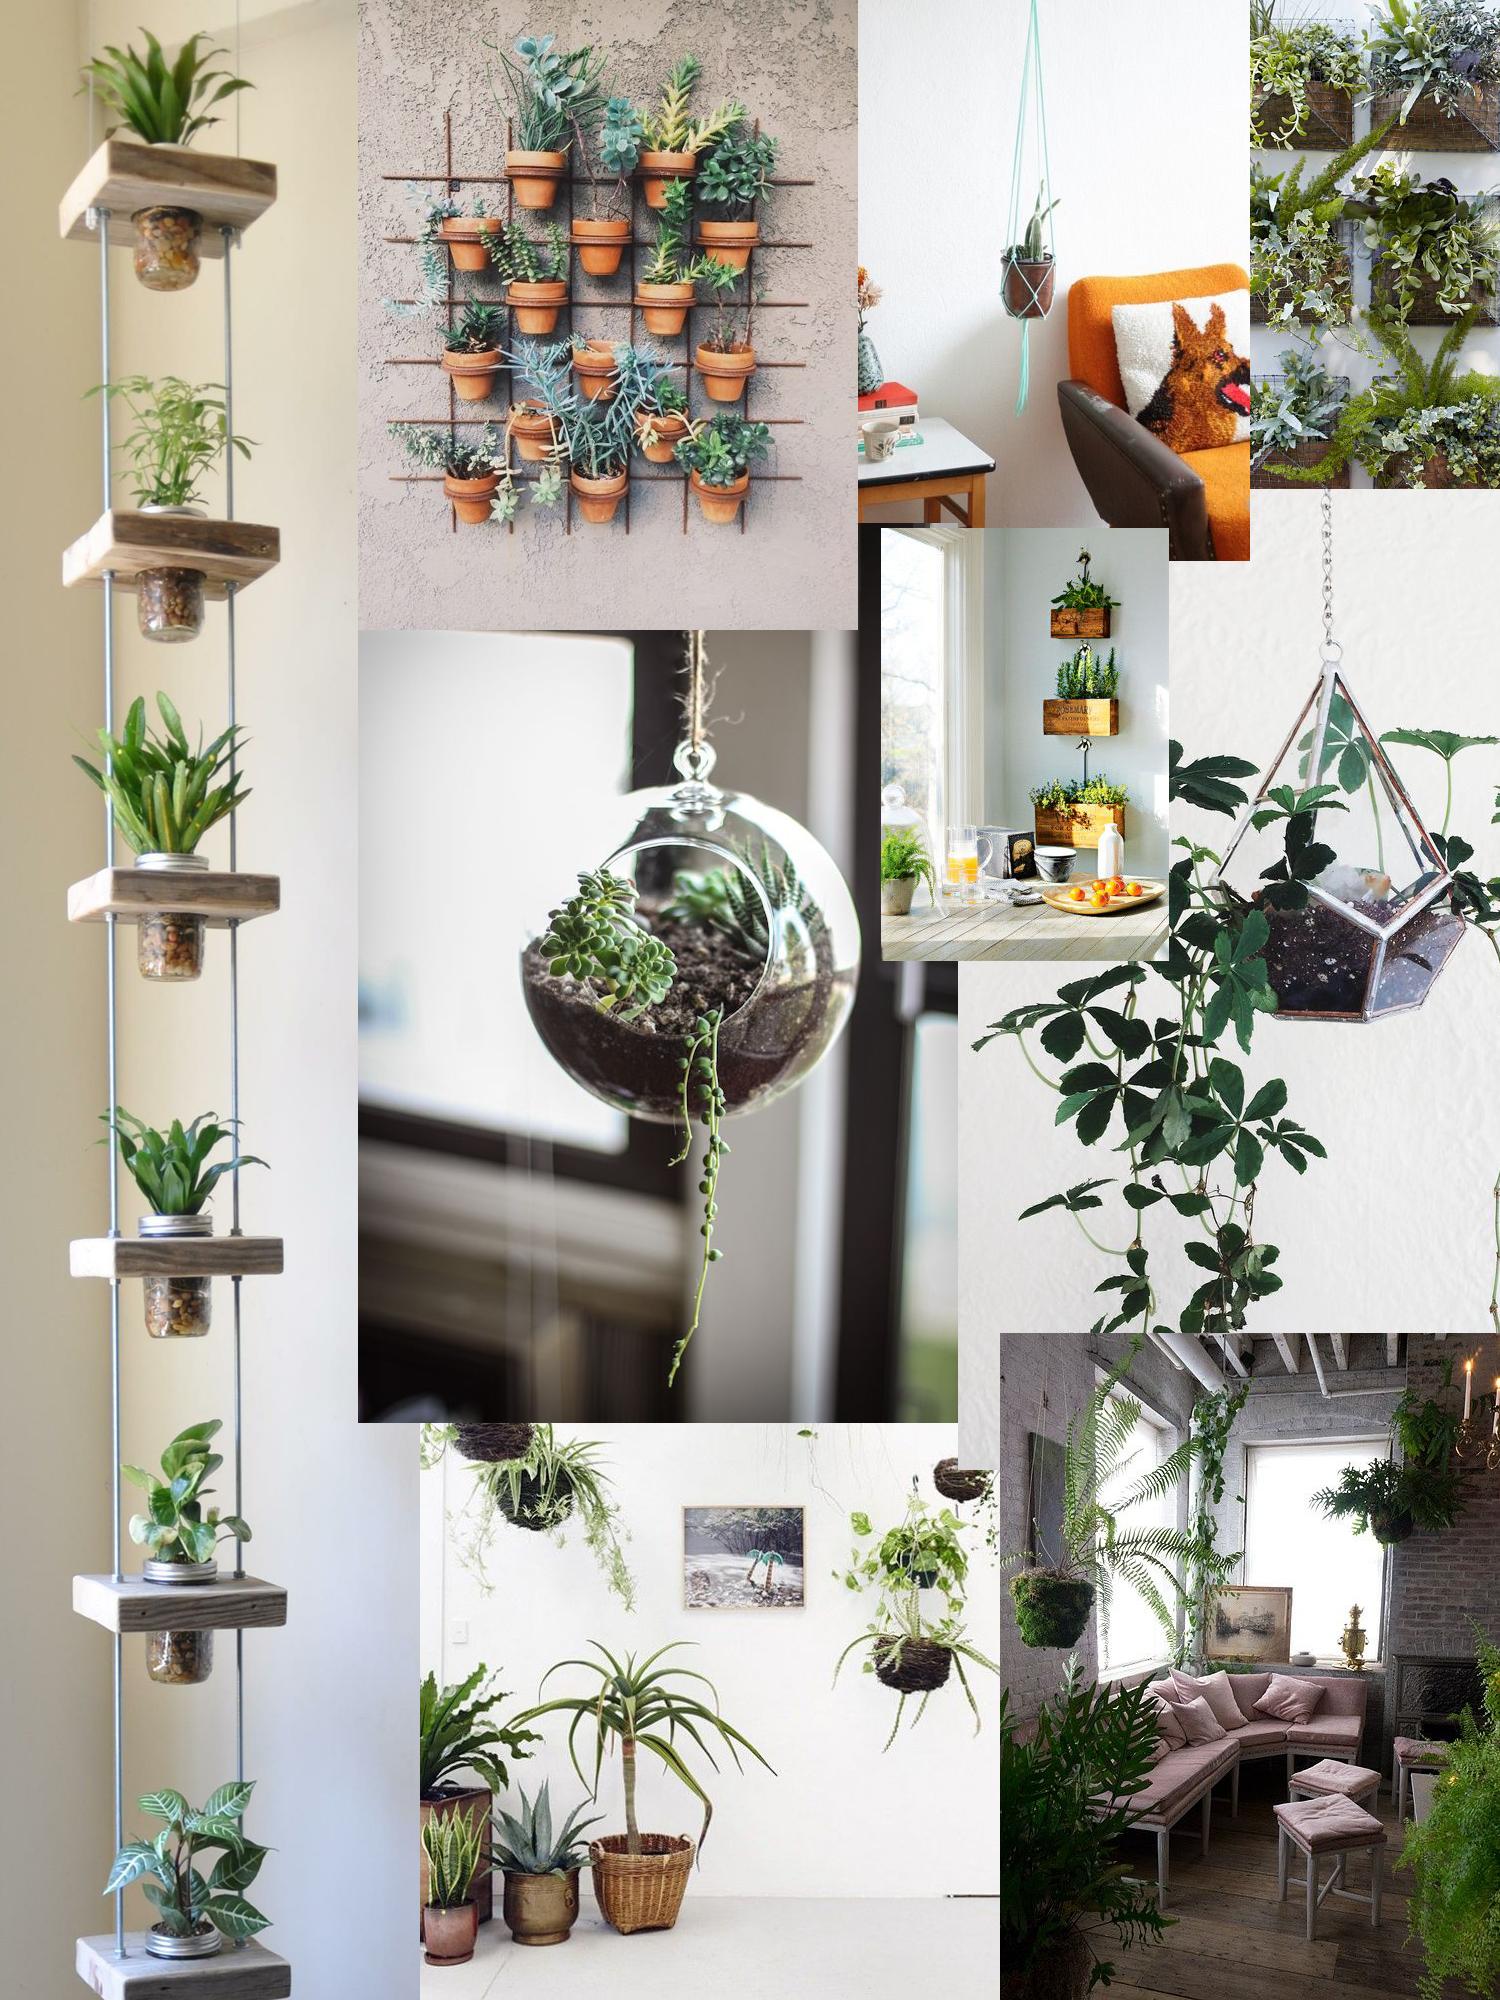 Hanging Plants |Succulents